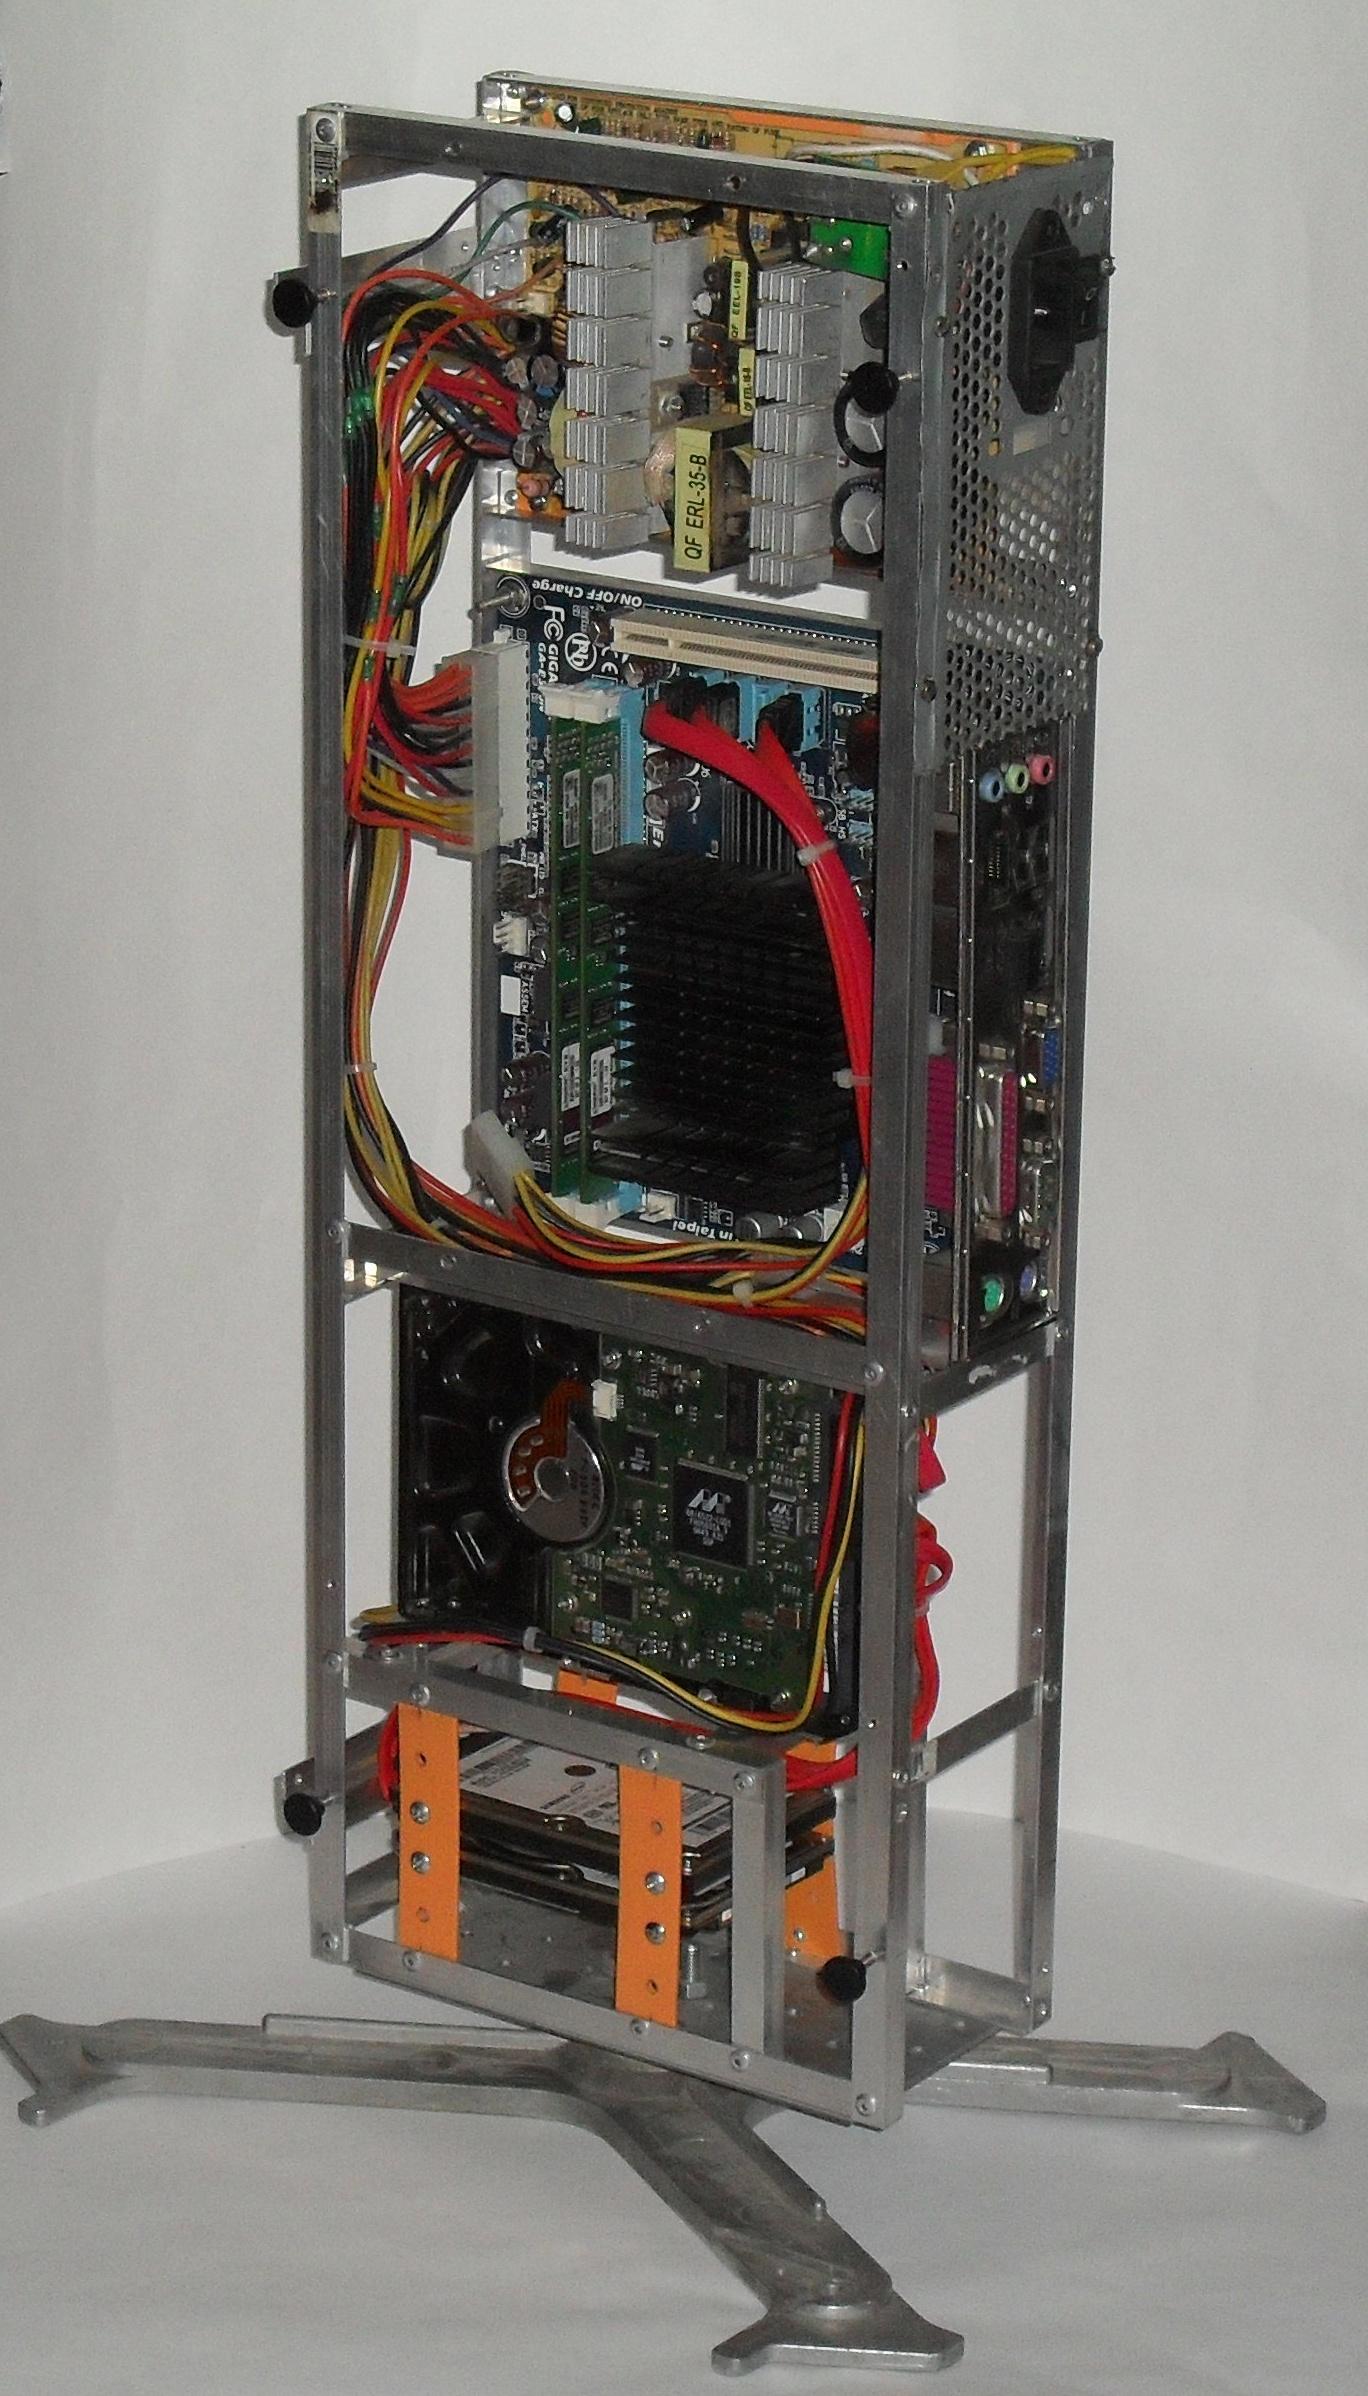 Еще один сервер из подручных средств с претензией на красоту - 26